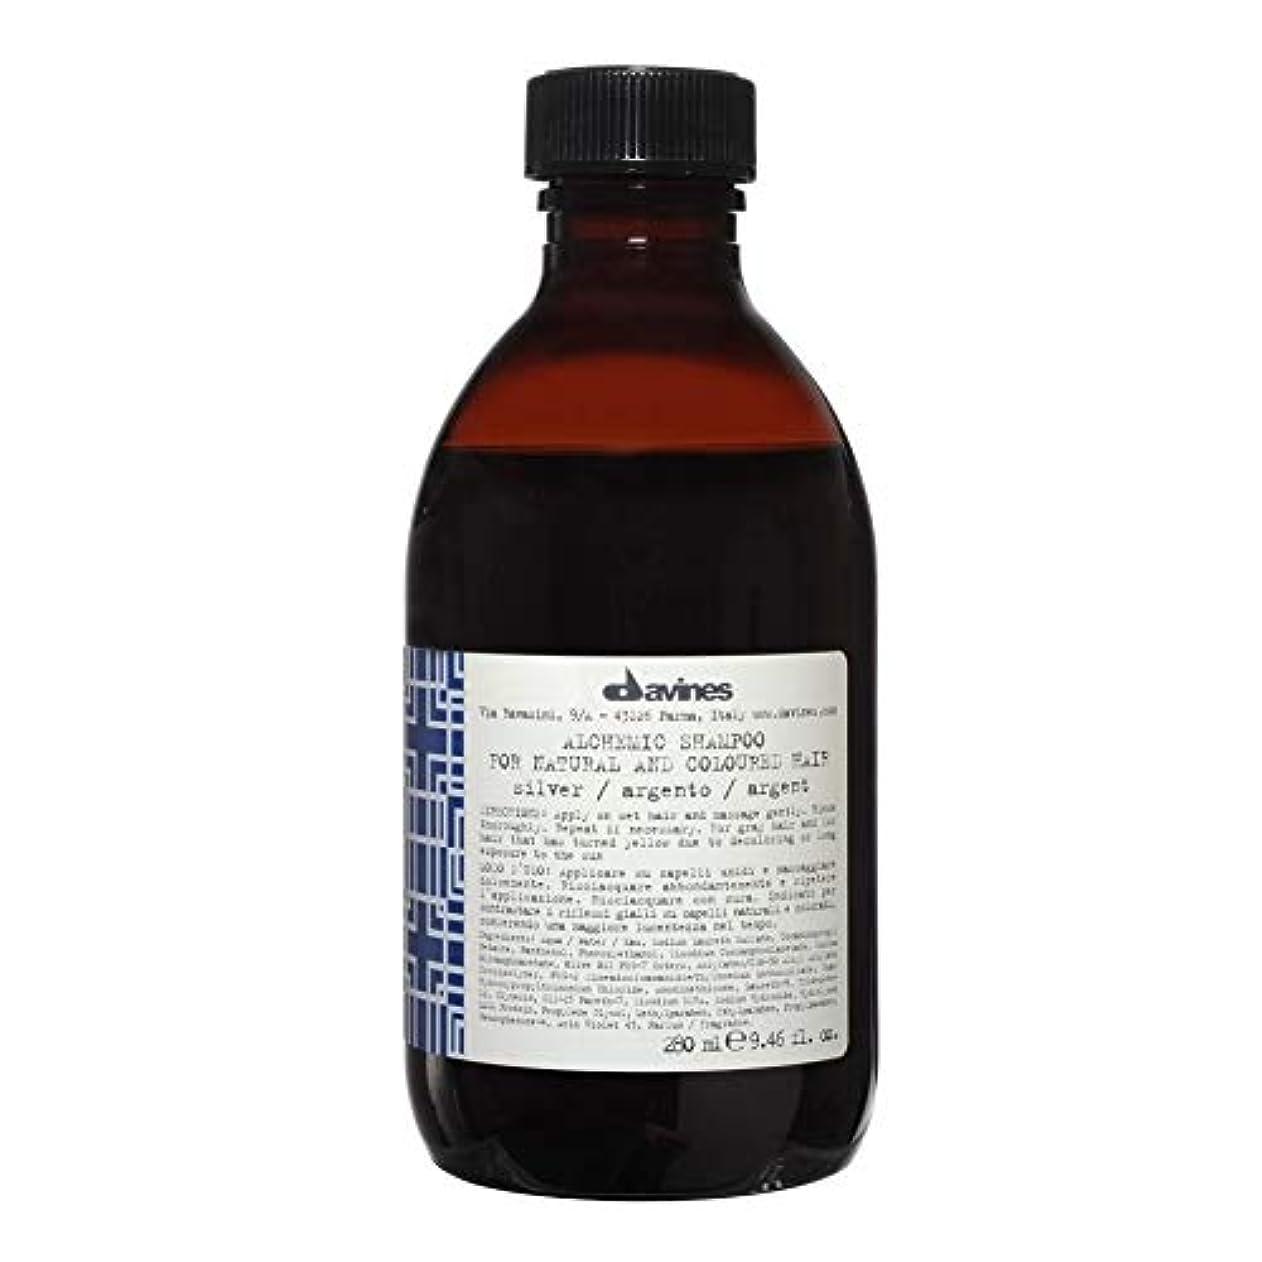 評議会常に専門化する[Davines ] ダヴィネス錬金術銀シャンプー280ミリリットル - Davines Alchemic Silver Shampoo 280ml [並行輸入品]